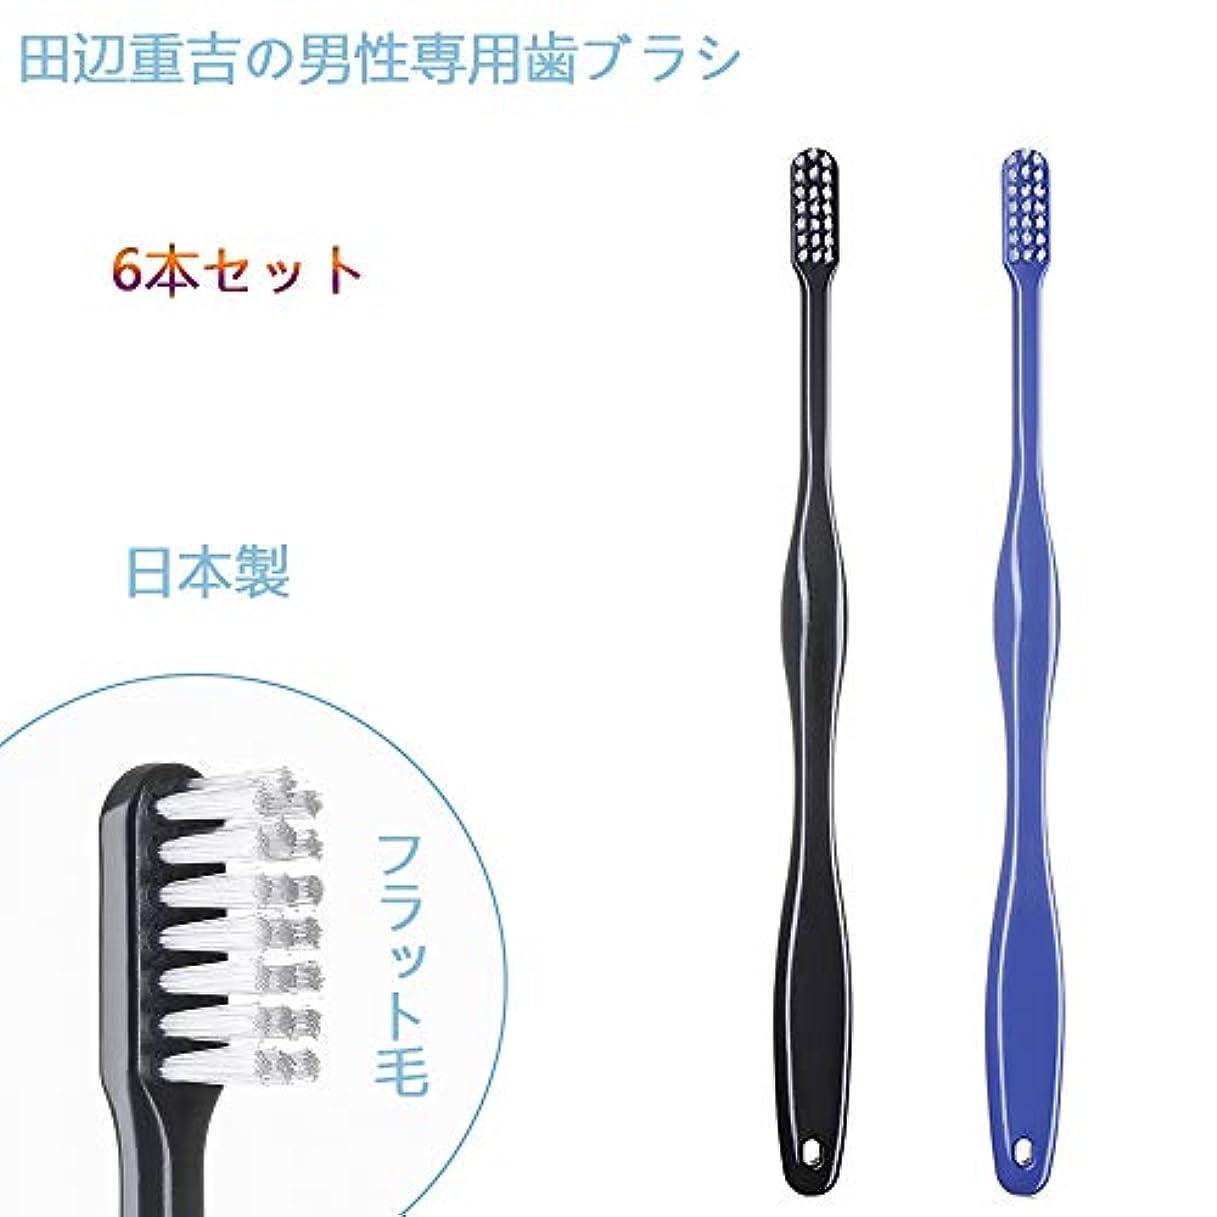 歯ブラシ職人 Artooth ® 田辺重吉の磨きやすい 男性専用 歯ブラシ MEN' S 日本製 耐久性UP 6本セットLT-08(色おまかせ)